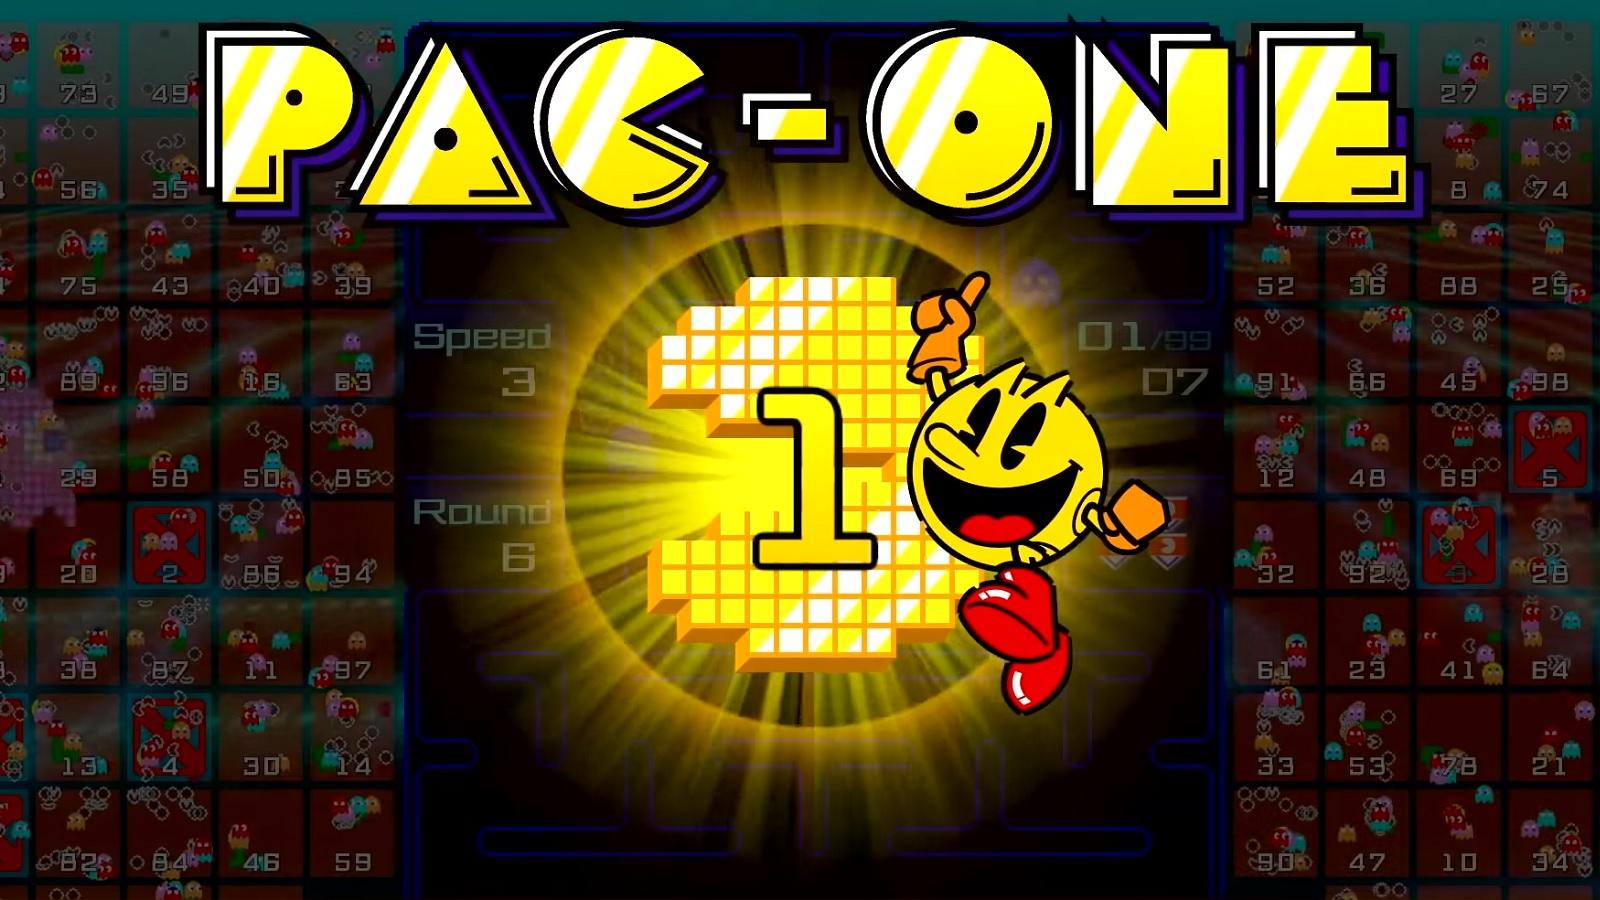 Nintendo выпустит на Switch новую королевскую битву — теперь во вселенной Pac-Man